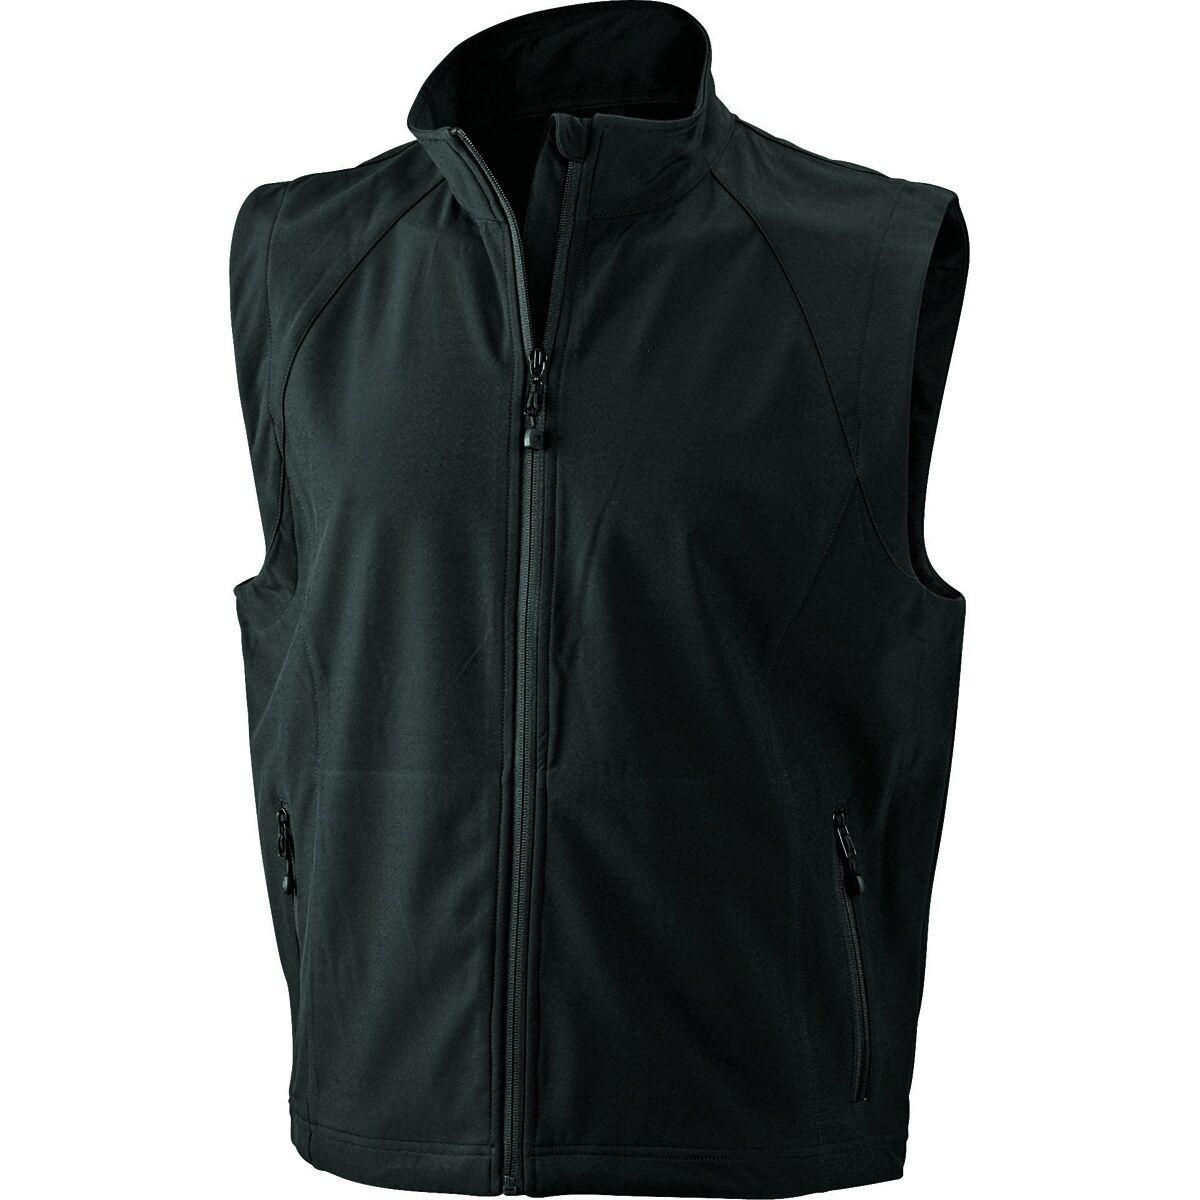 Gilet sans manches softshell coupe-vent imperméable - JN1022 - noir - homme